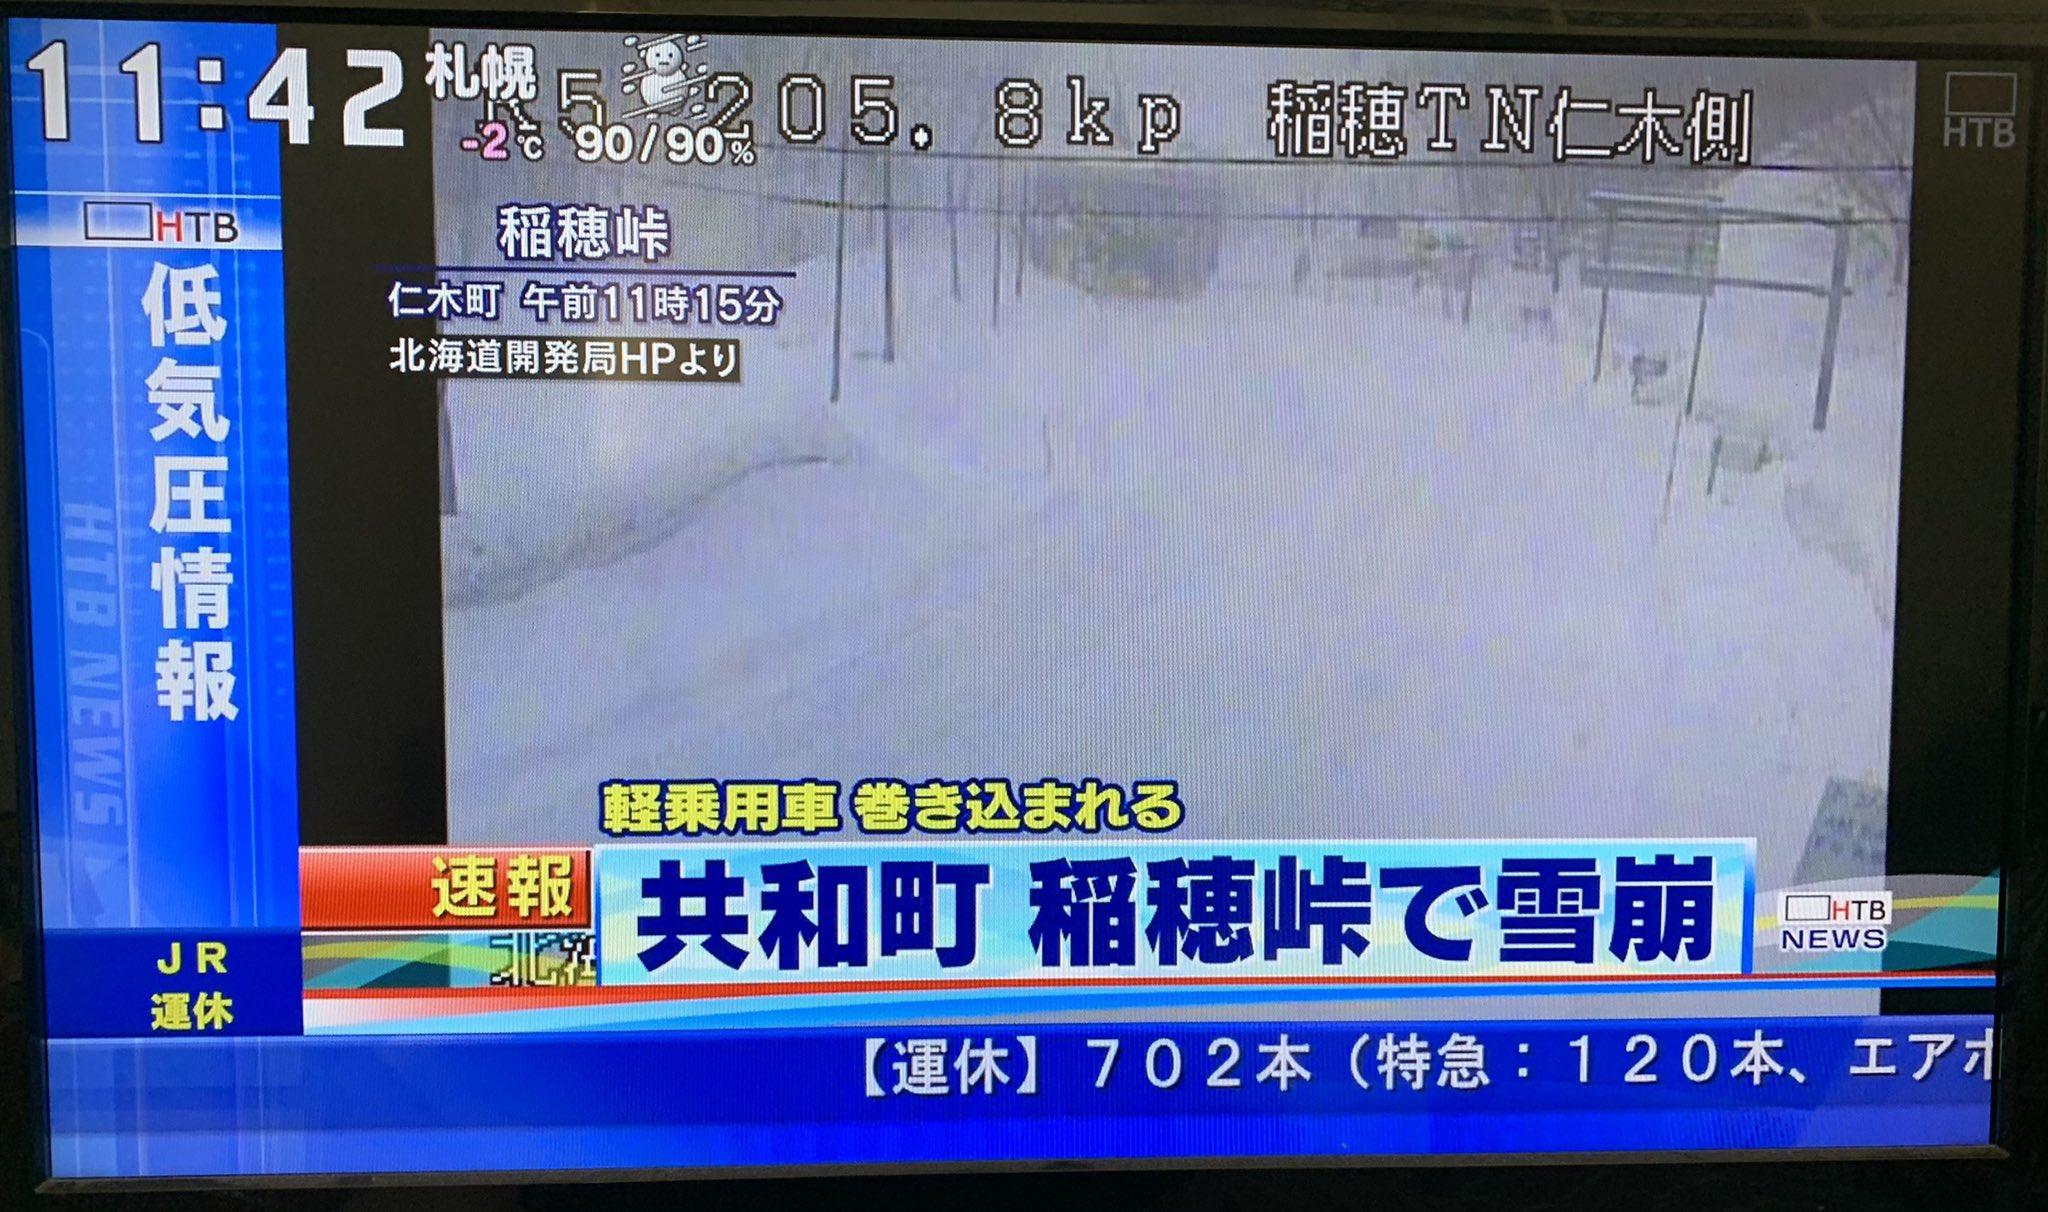 画像,え?稲穂峠が雪崩で通行止めだと?軽乗用車が巻き込まれたとも。 https://t.co/aLeaw6ECOm。